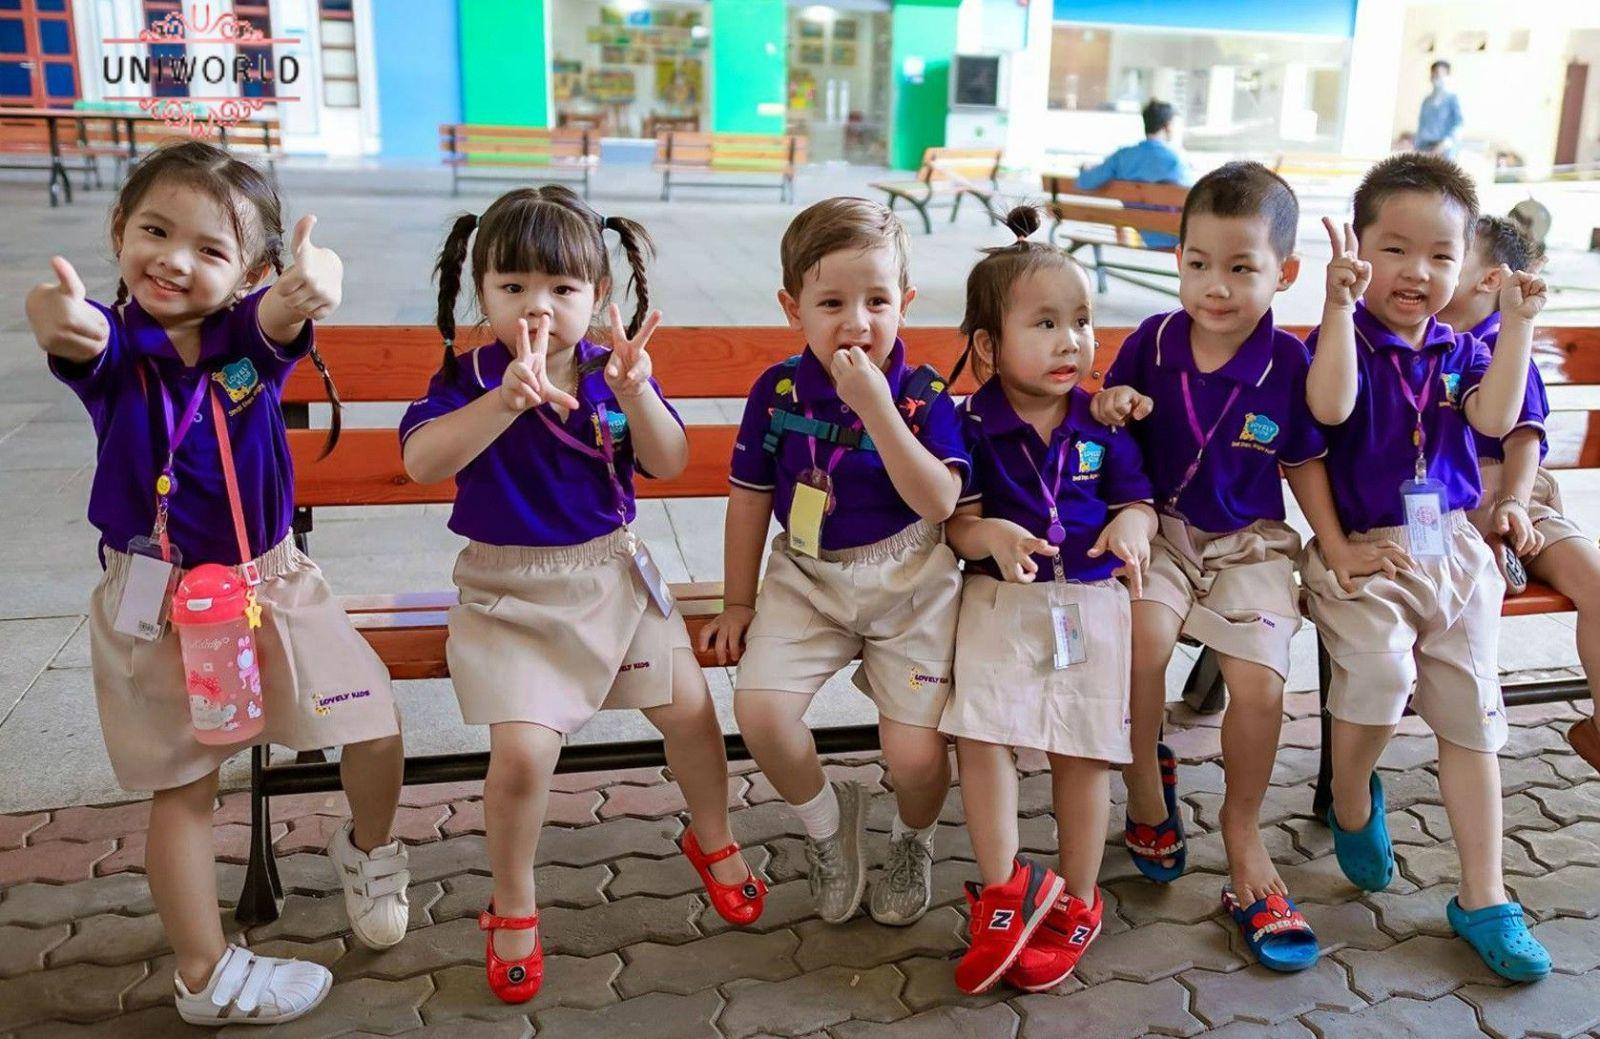 Đồng phục mẫu giáo màu sắc đi kèm với chân váy.